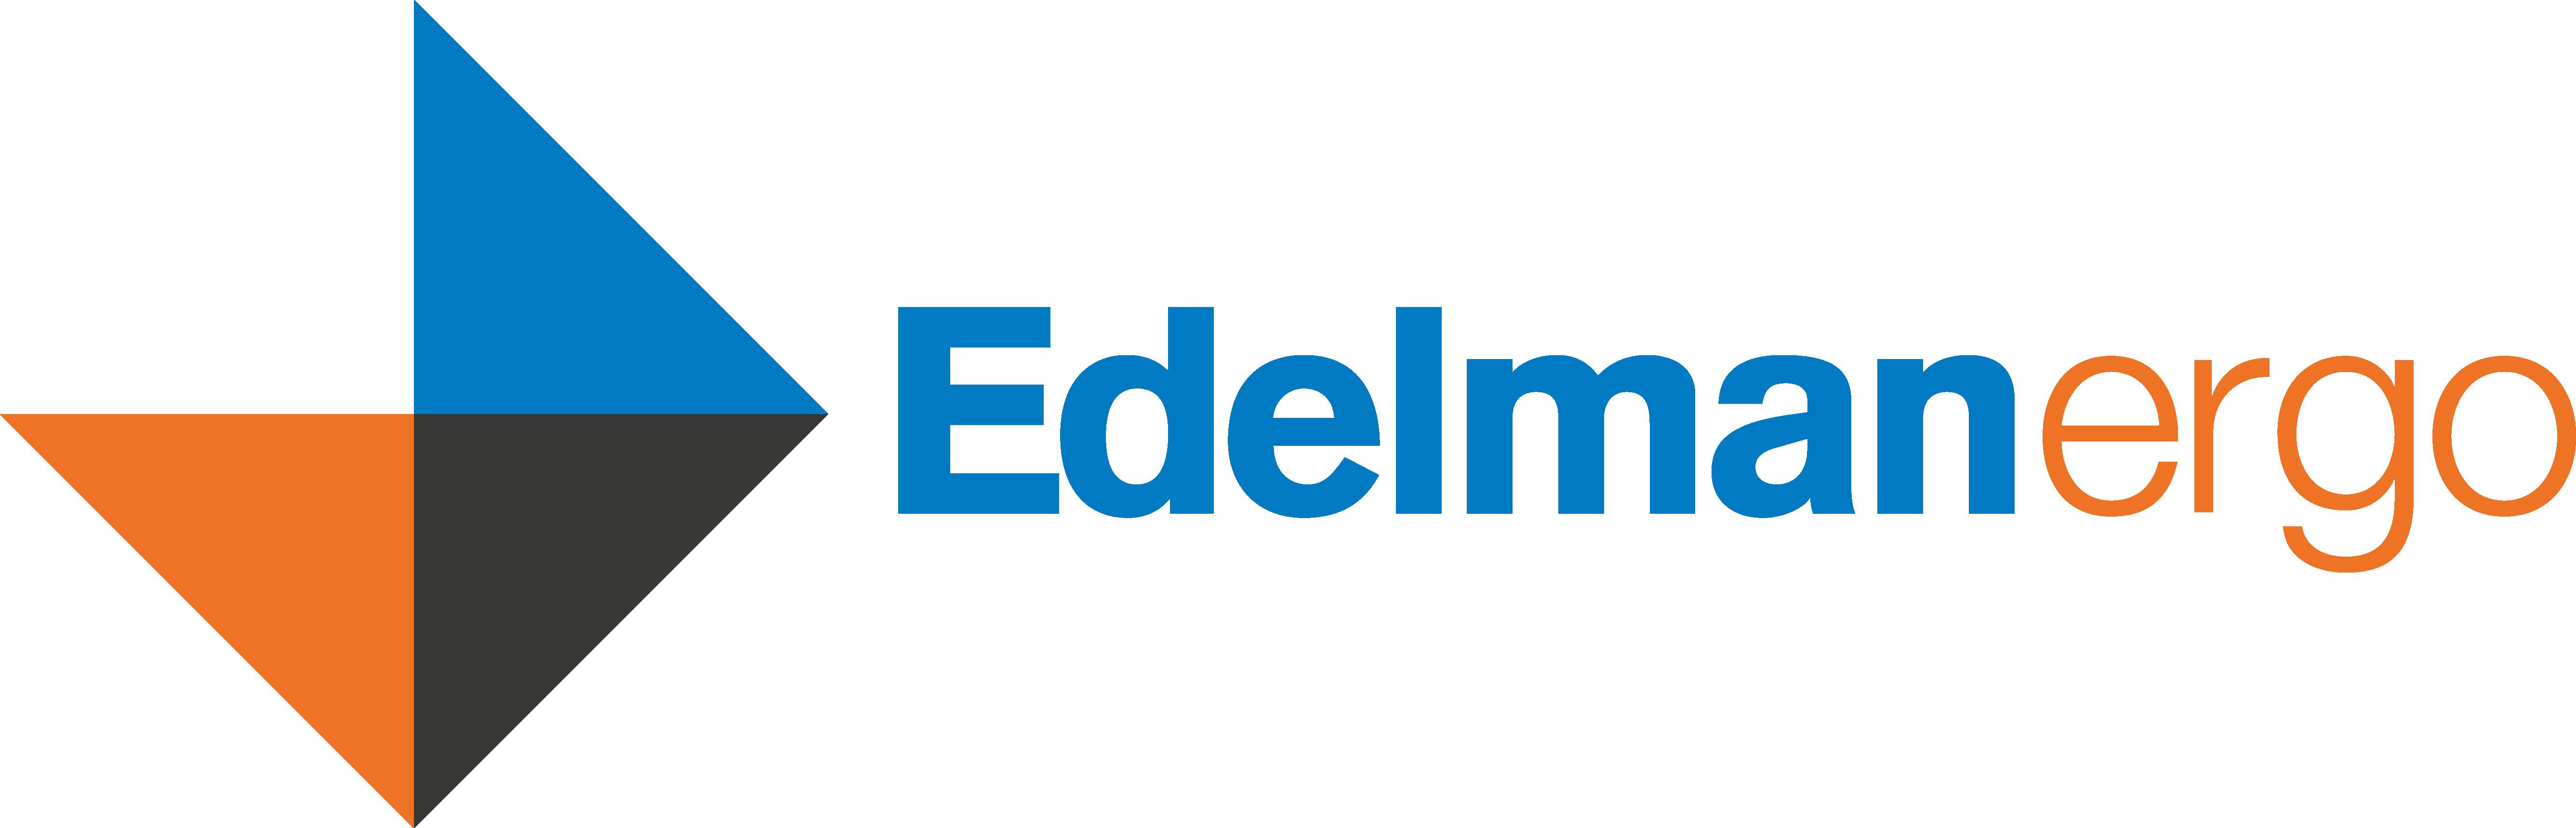 Logo von Edelman.ergo GmbH